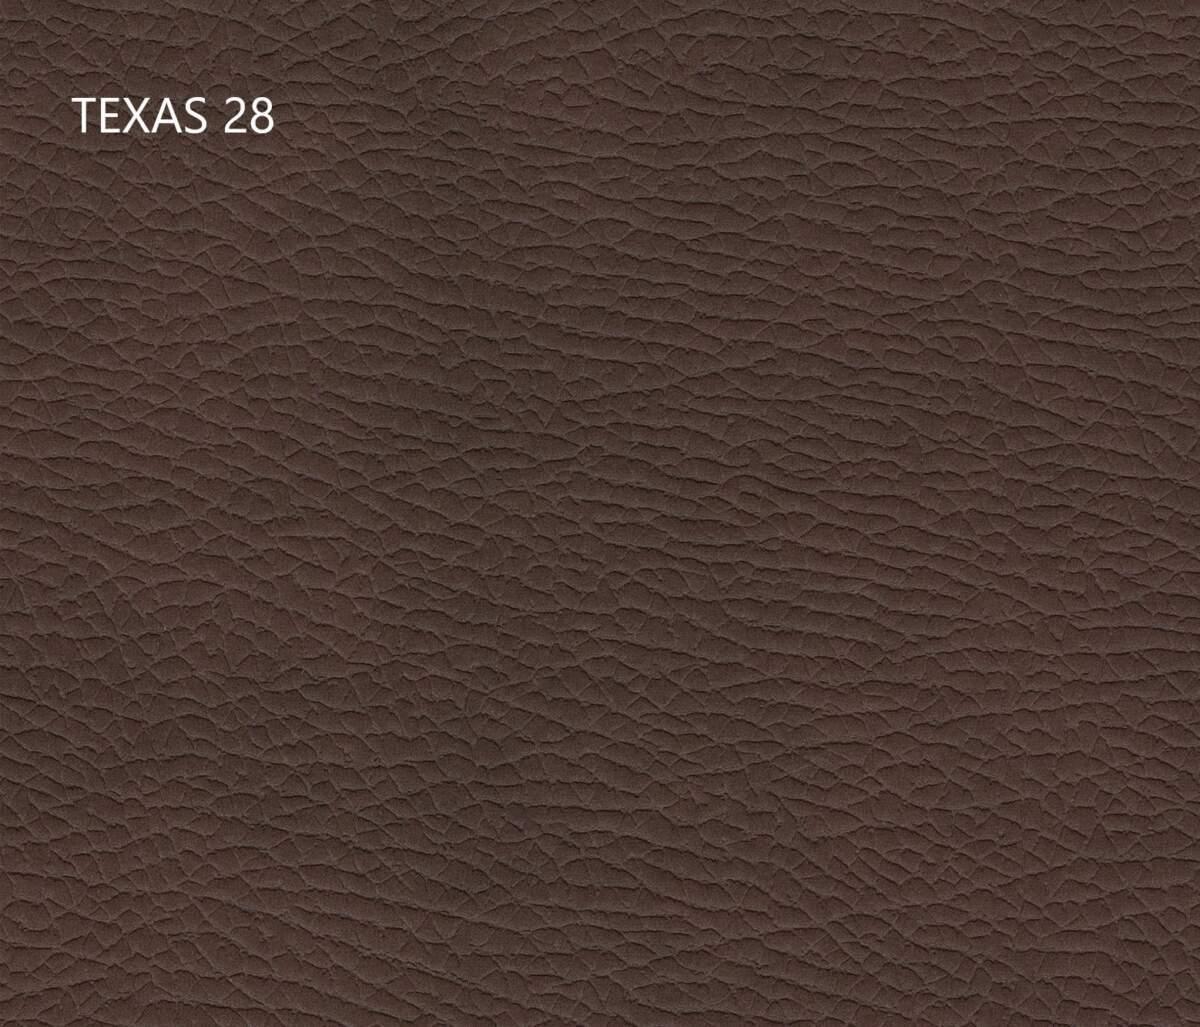 texas-28